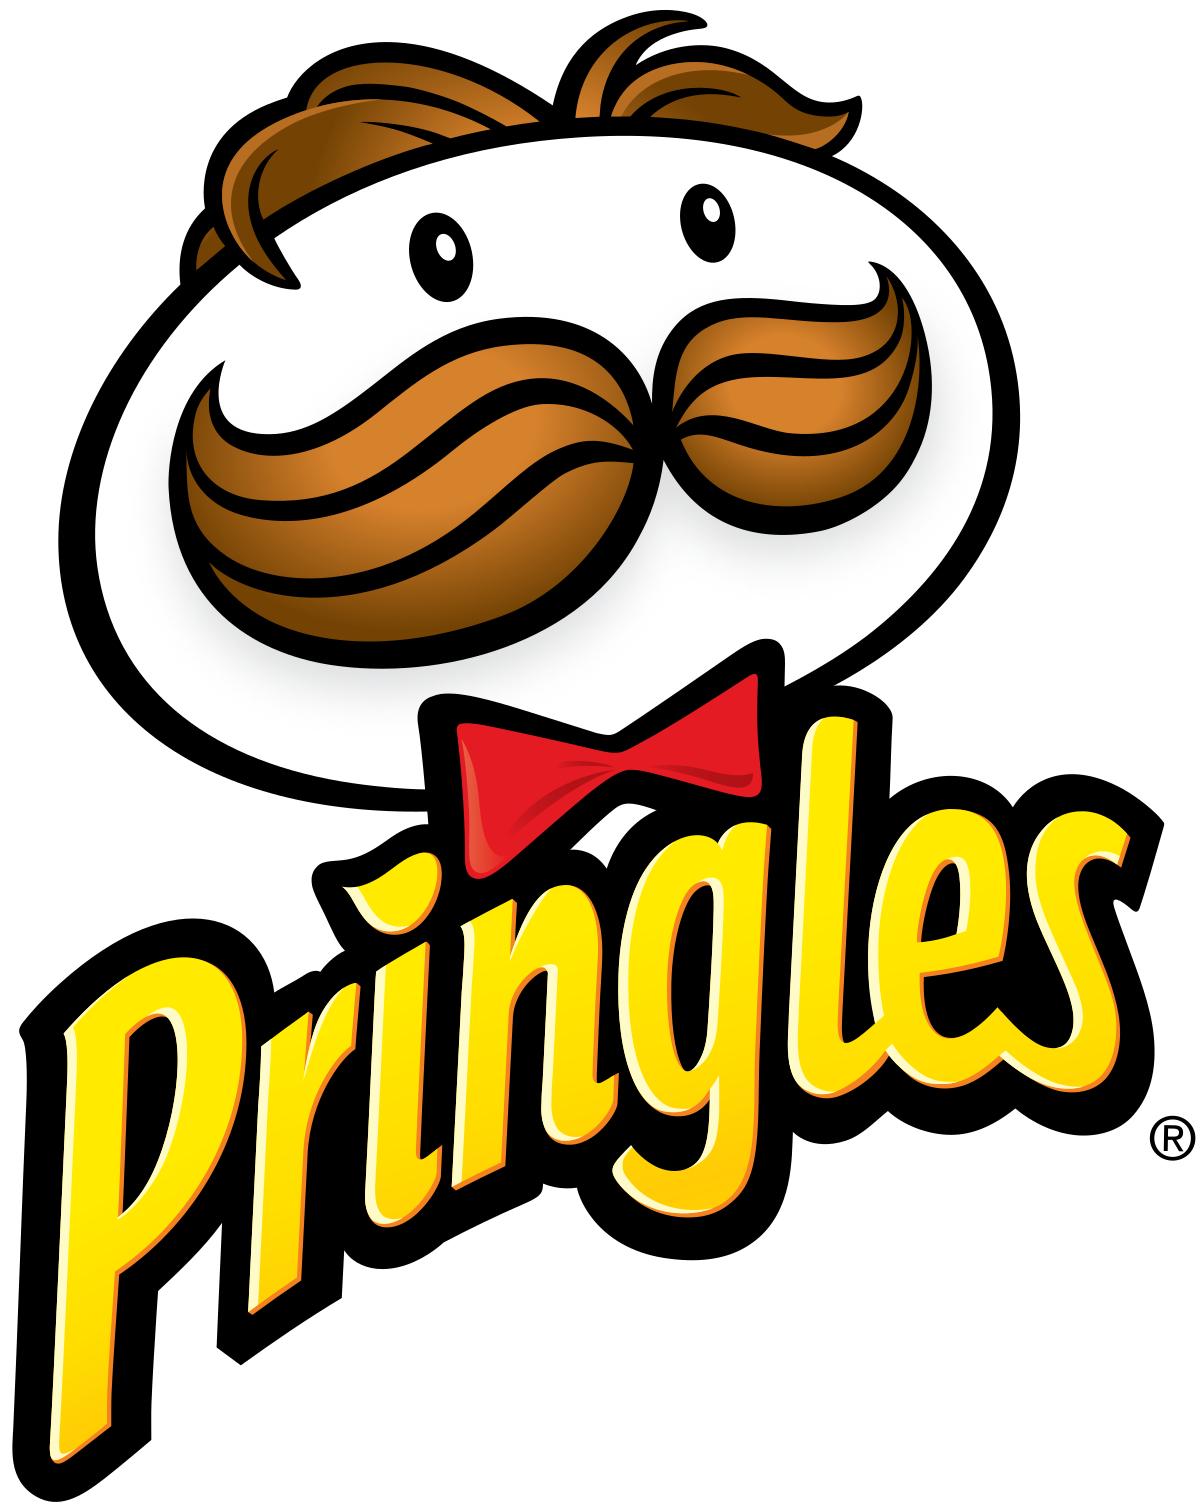 [Rossmann] Pringles für 0,71 € durch App und Coupon (28.01 - 1.2.19)